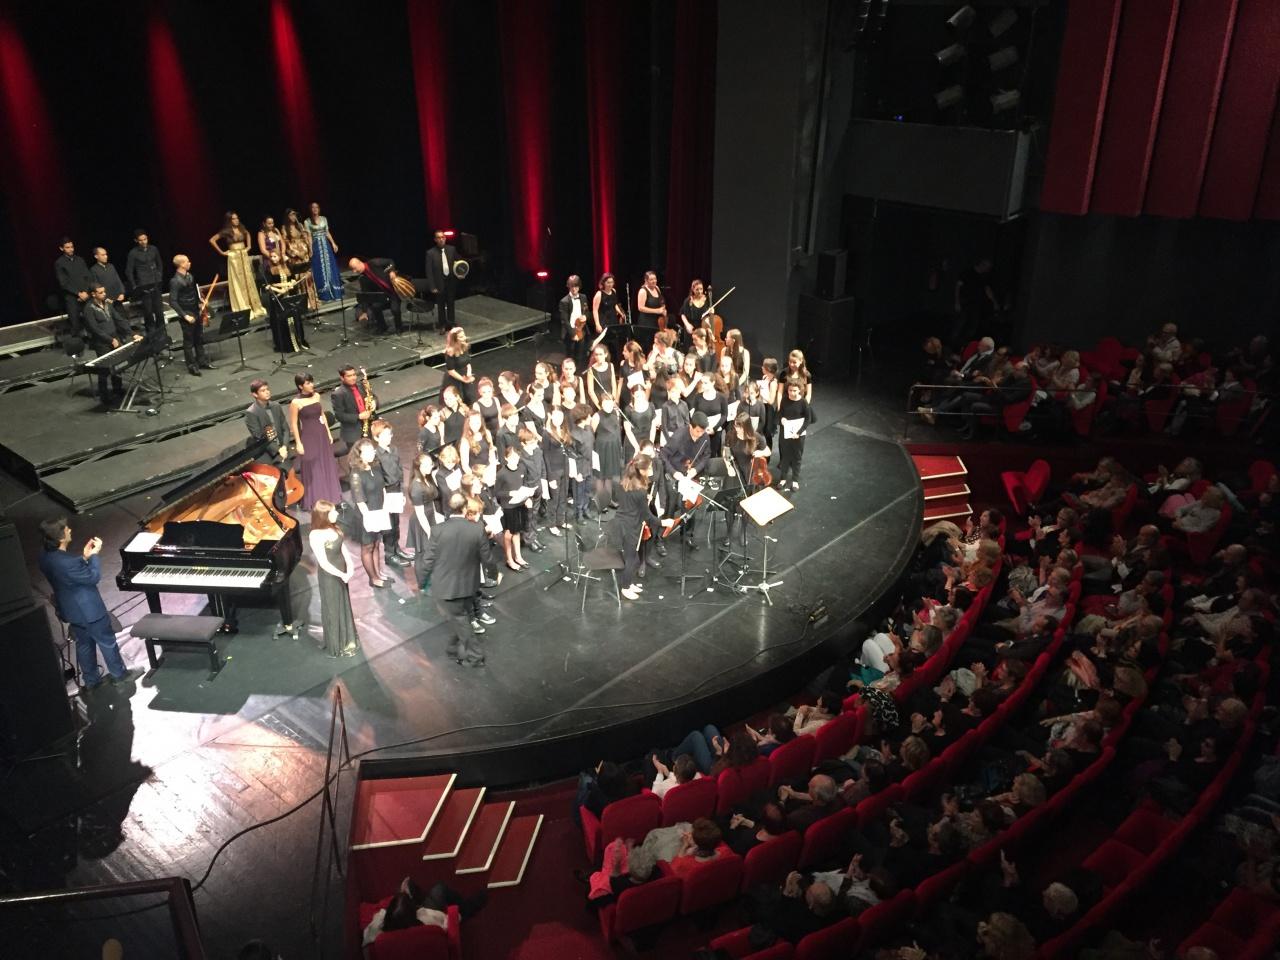 Rencontres musicales mediterranee bastia